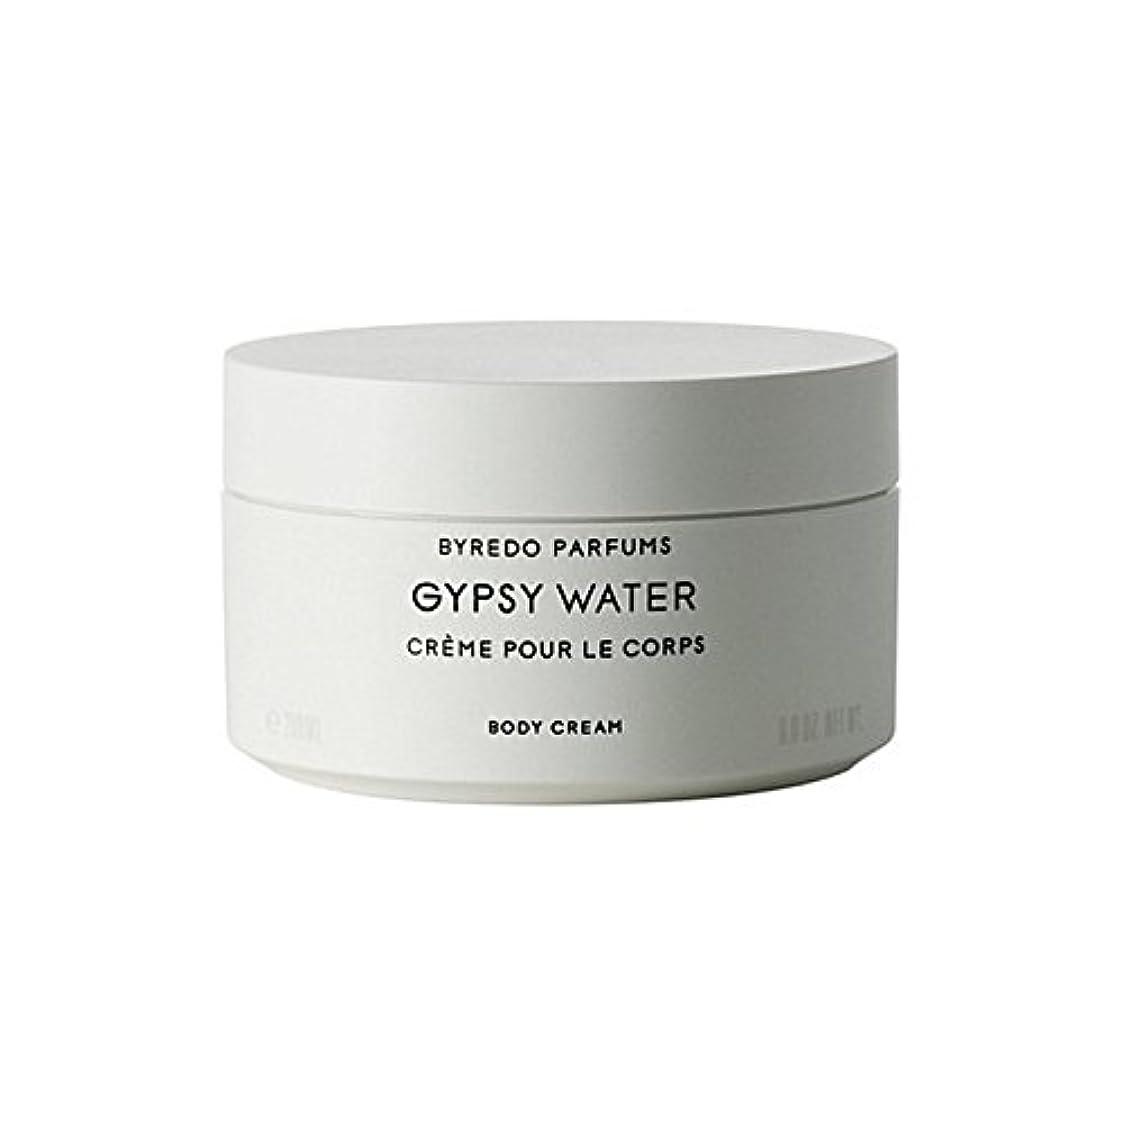 マトロン真剣にトランクライブラリByredo Gypsy Water Body Cream 200ml (Pack of 6) - ジプシー水ボディクリーム200ミリリットル x6 [並行輸入品]